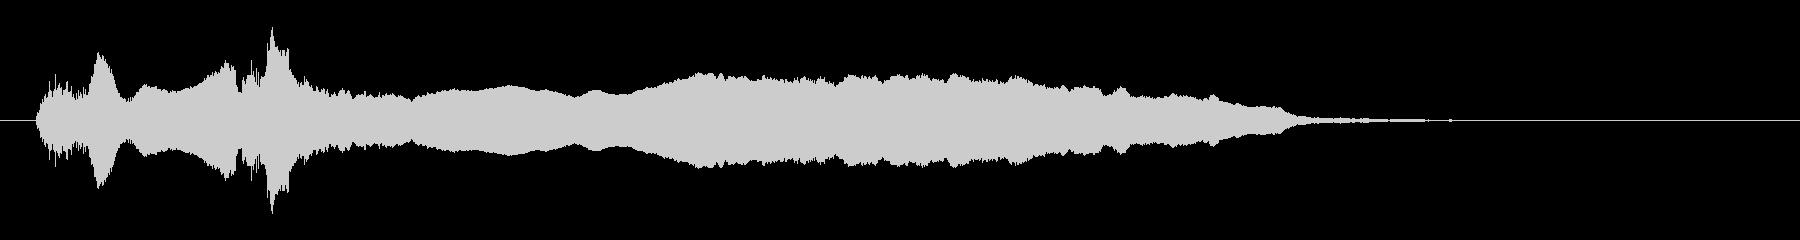 尺八ソロによるジングル_04の未再生の波形